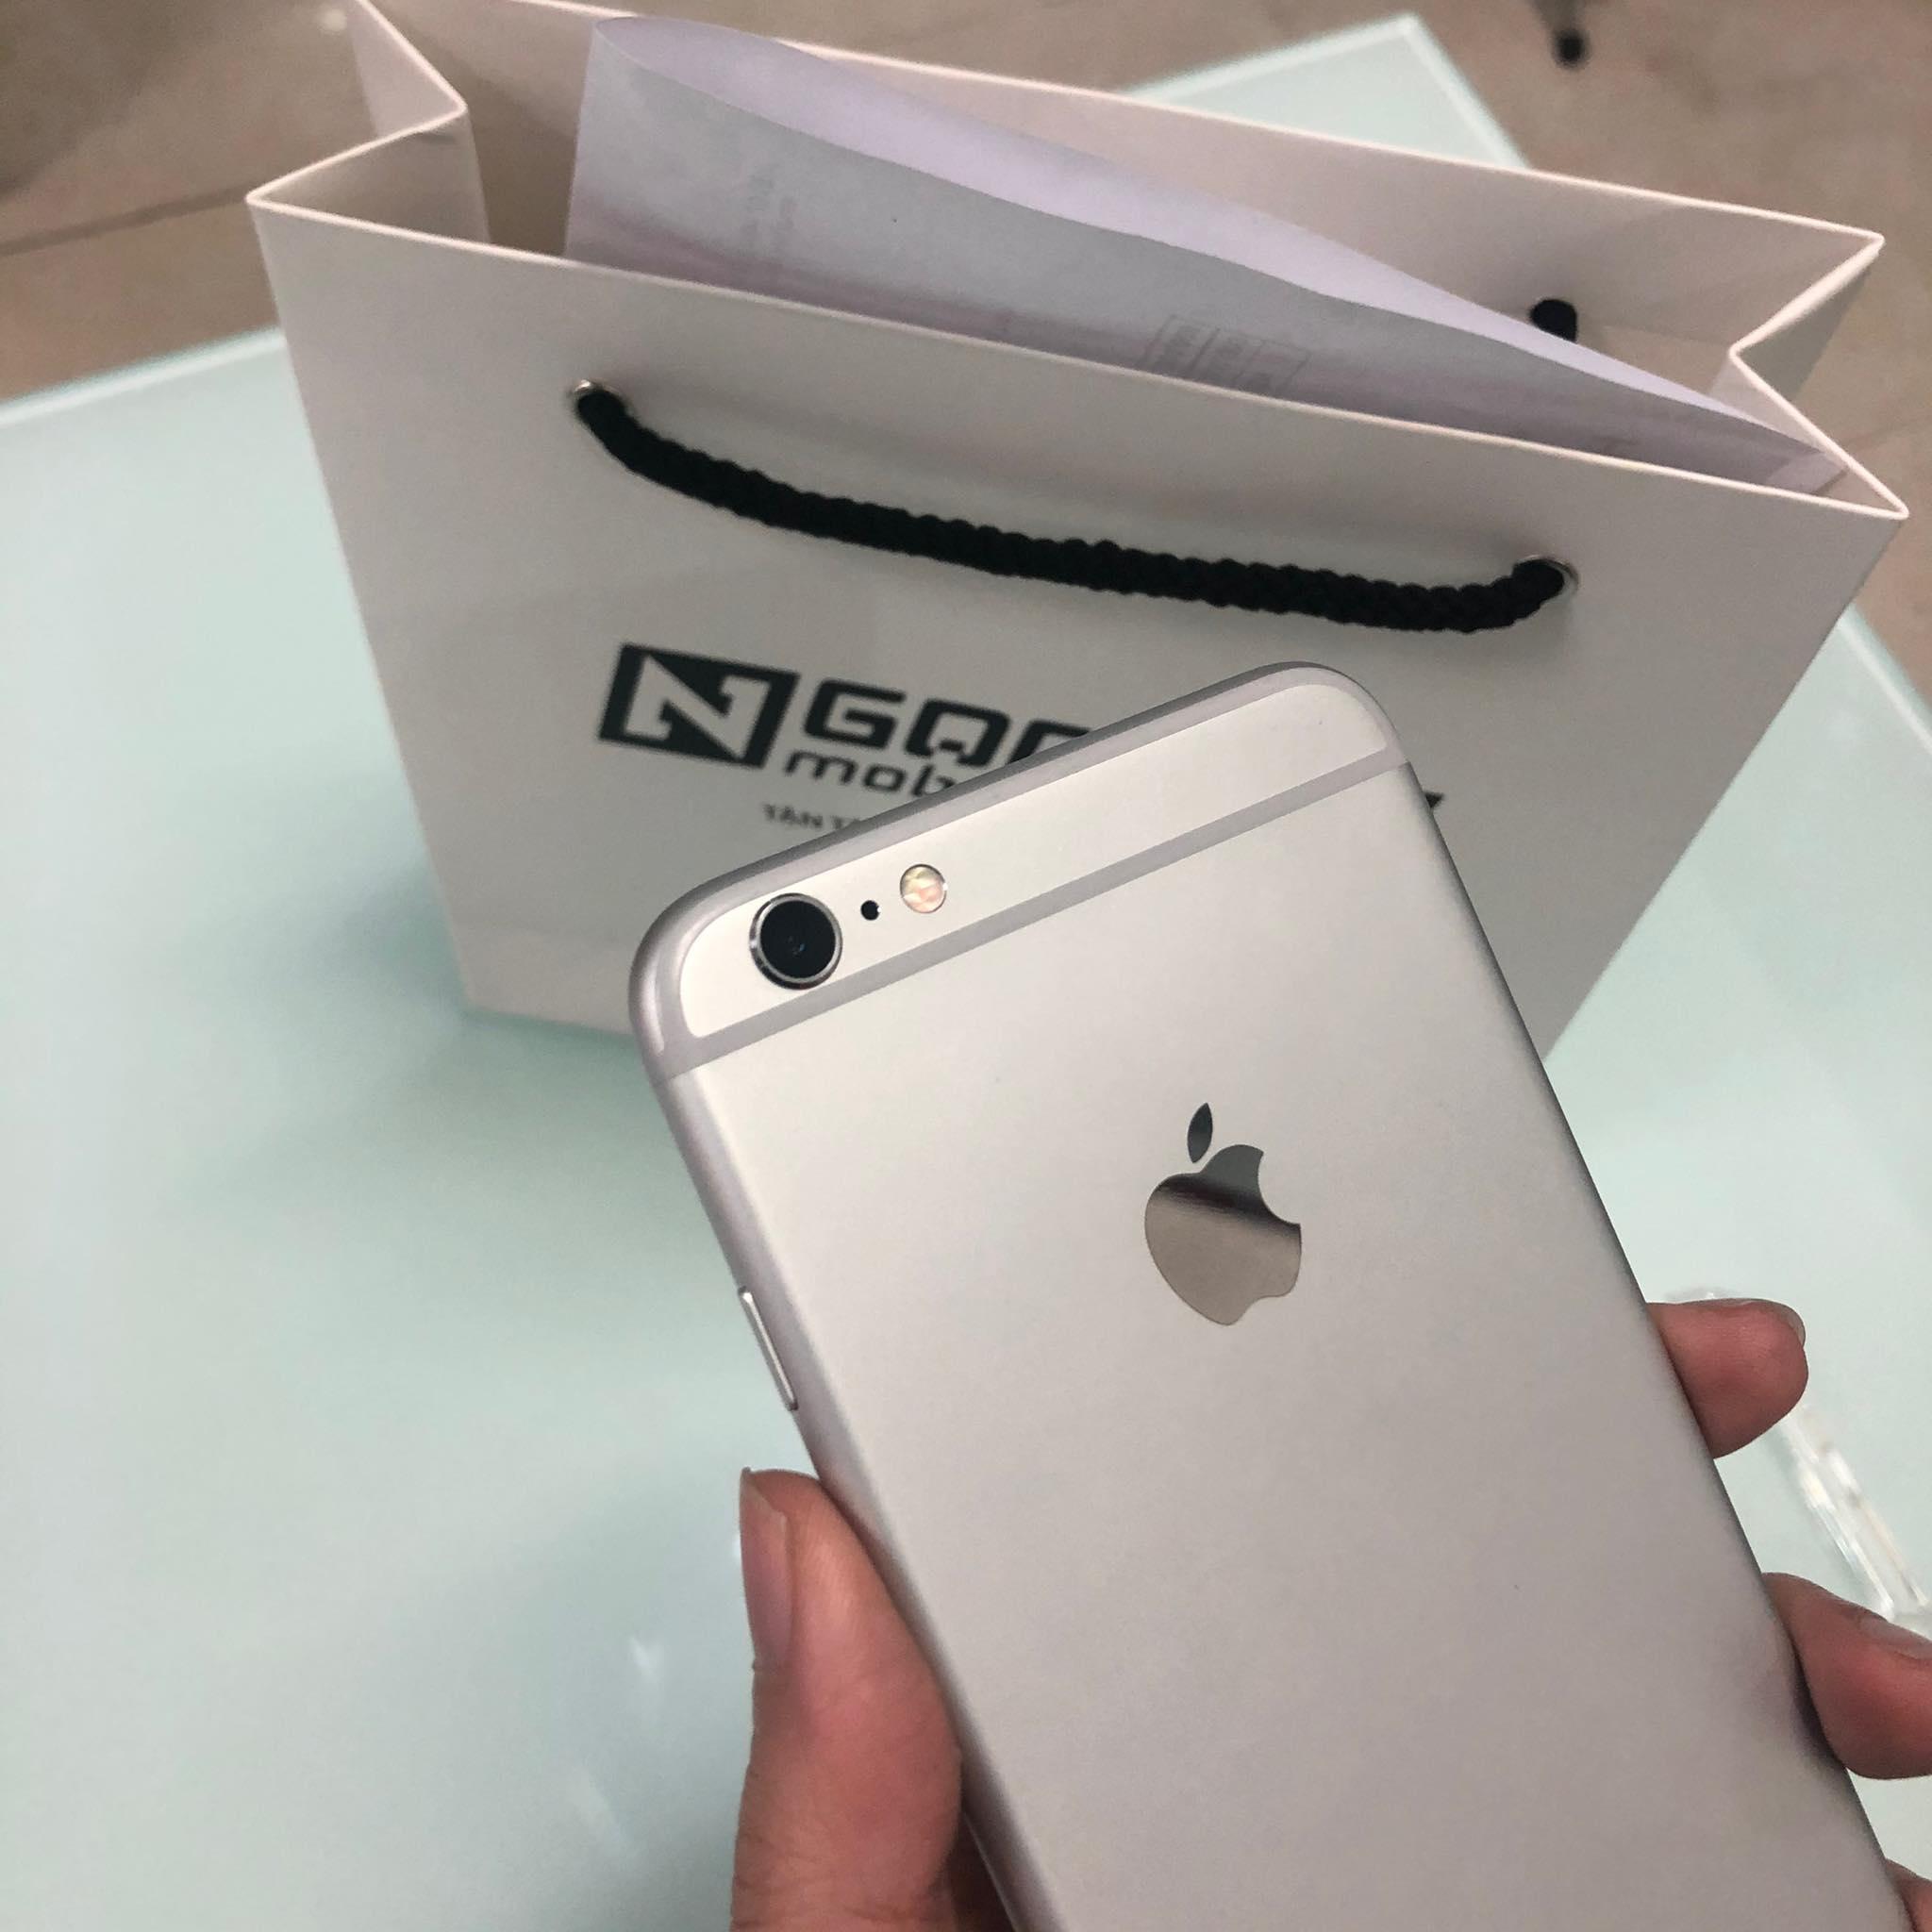 iPhone 6s Plus - iPhone 6s Plus liệu còn chỗ đứng trên thị trường?